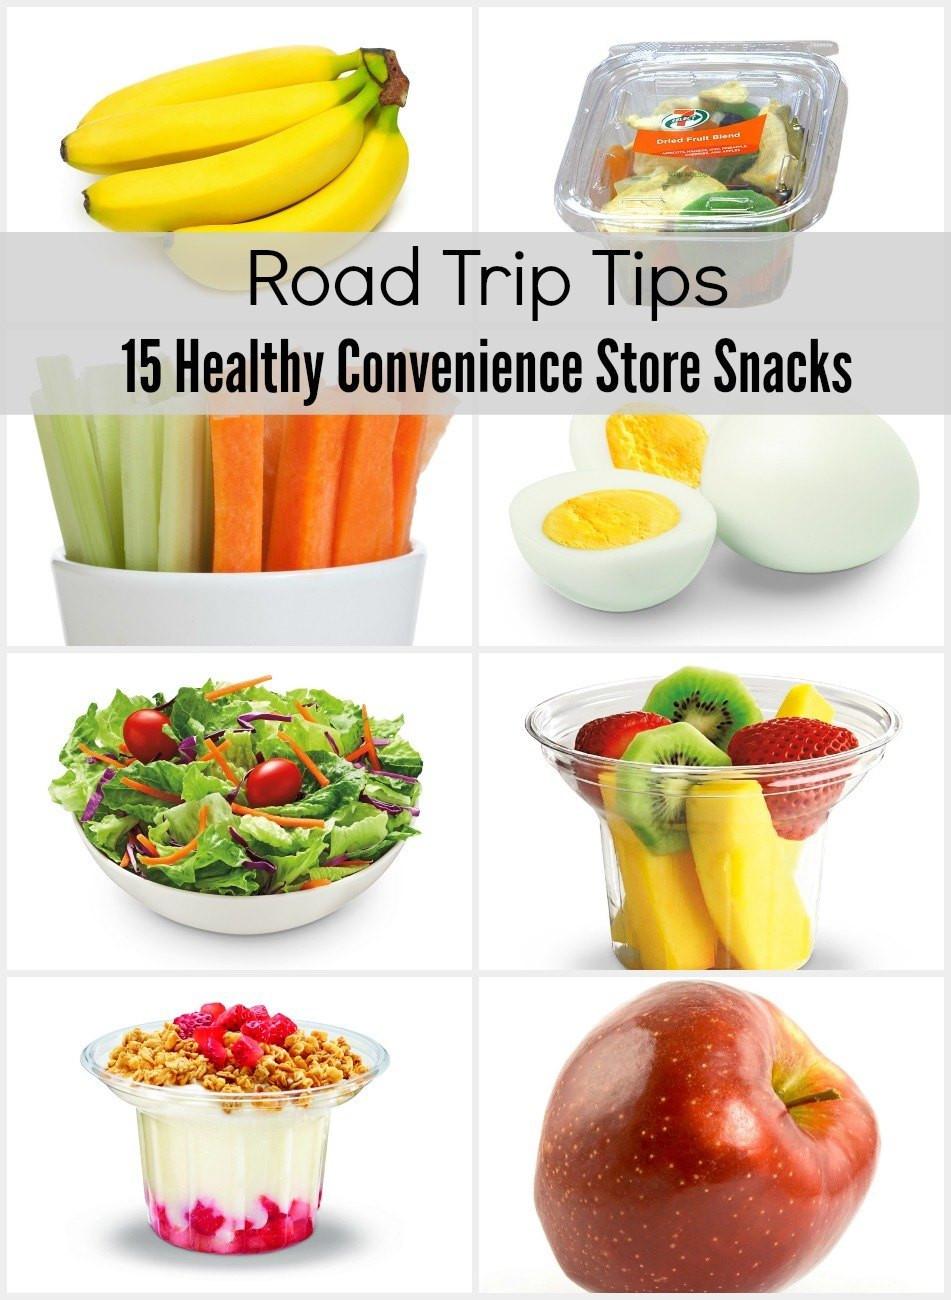 Healthy Kid Snacks To Buy  15 Healthy Convenience Store Snacks for a Road Trip La